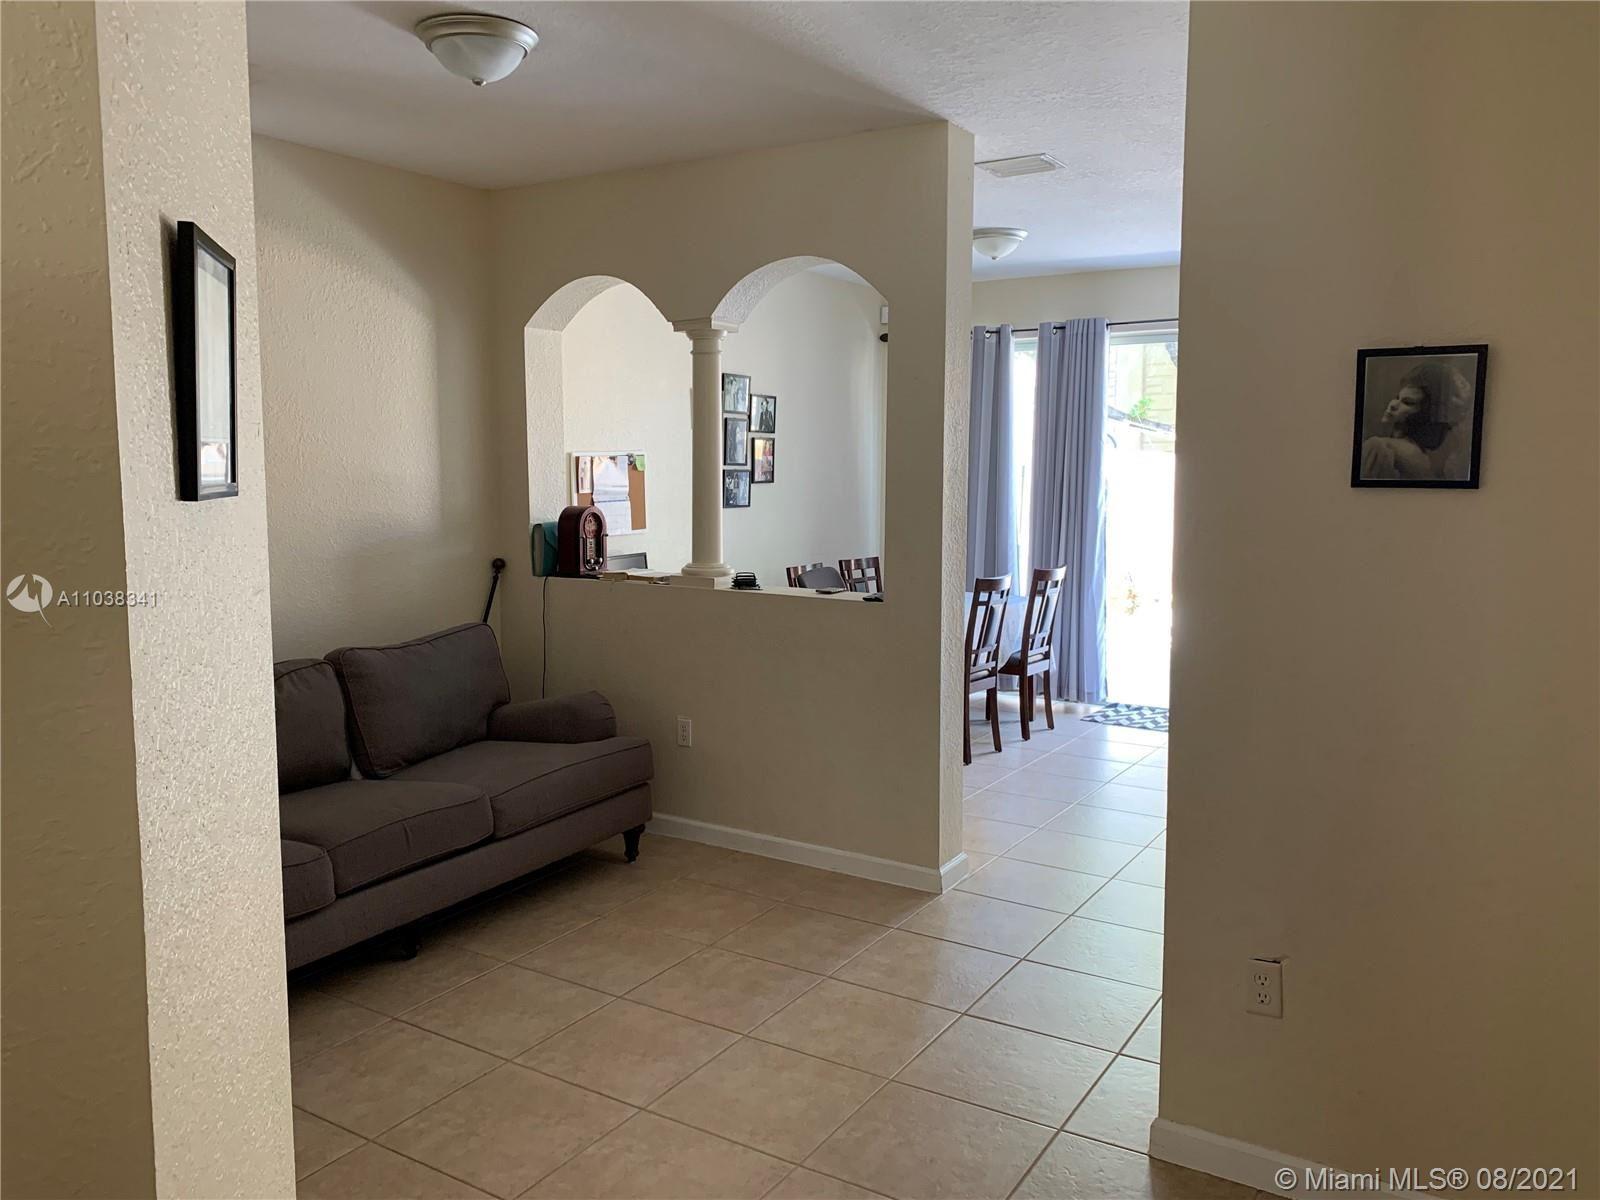 1054 NE 30th Ave, Homestead, FL 33033 - #: A11038341